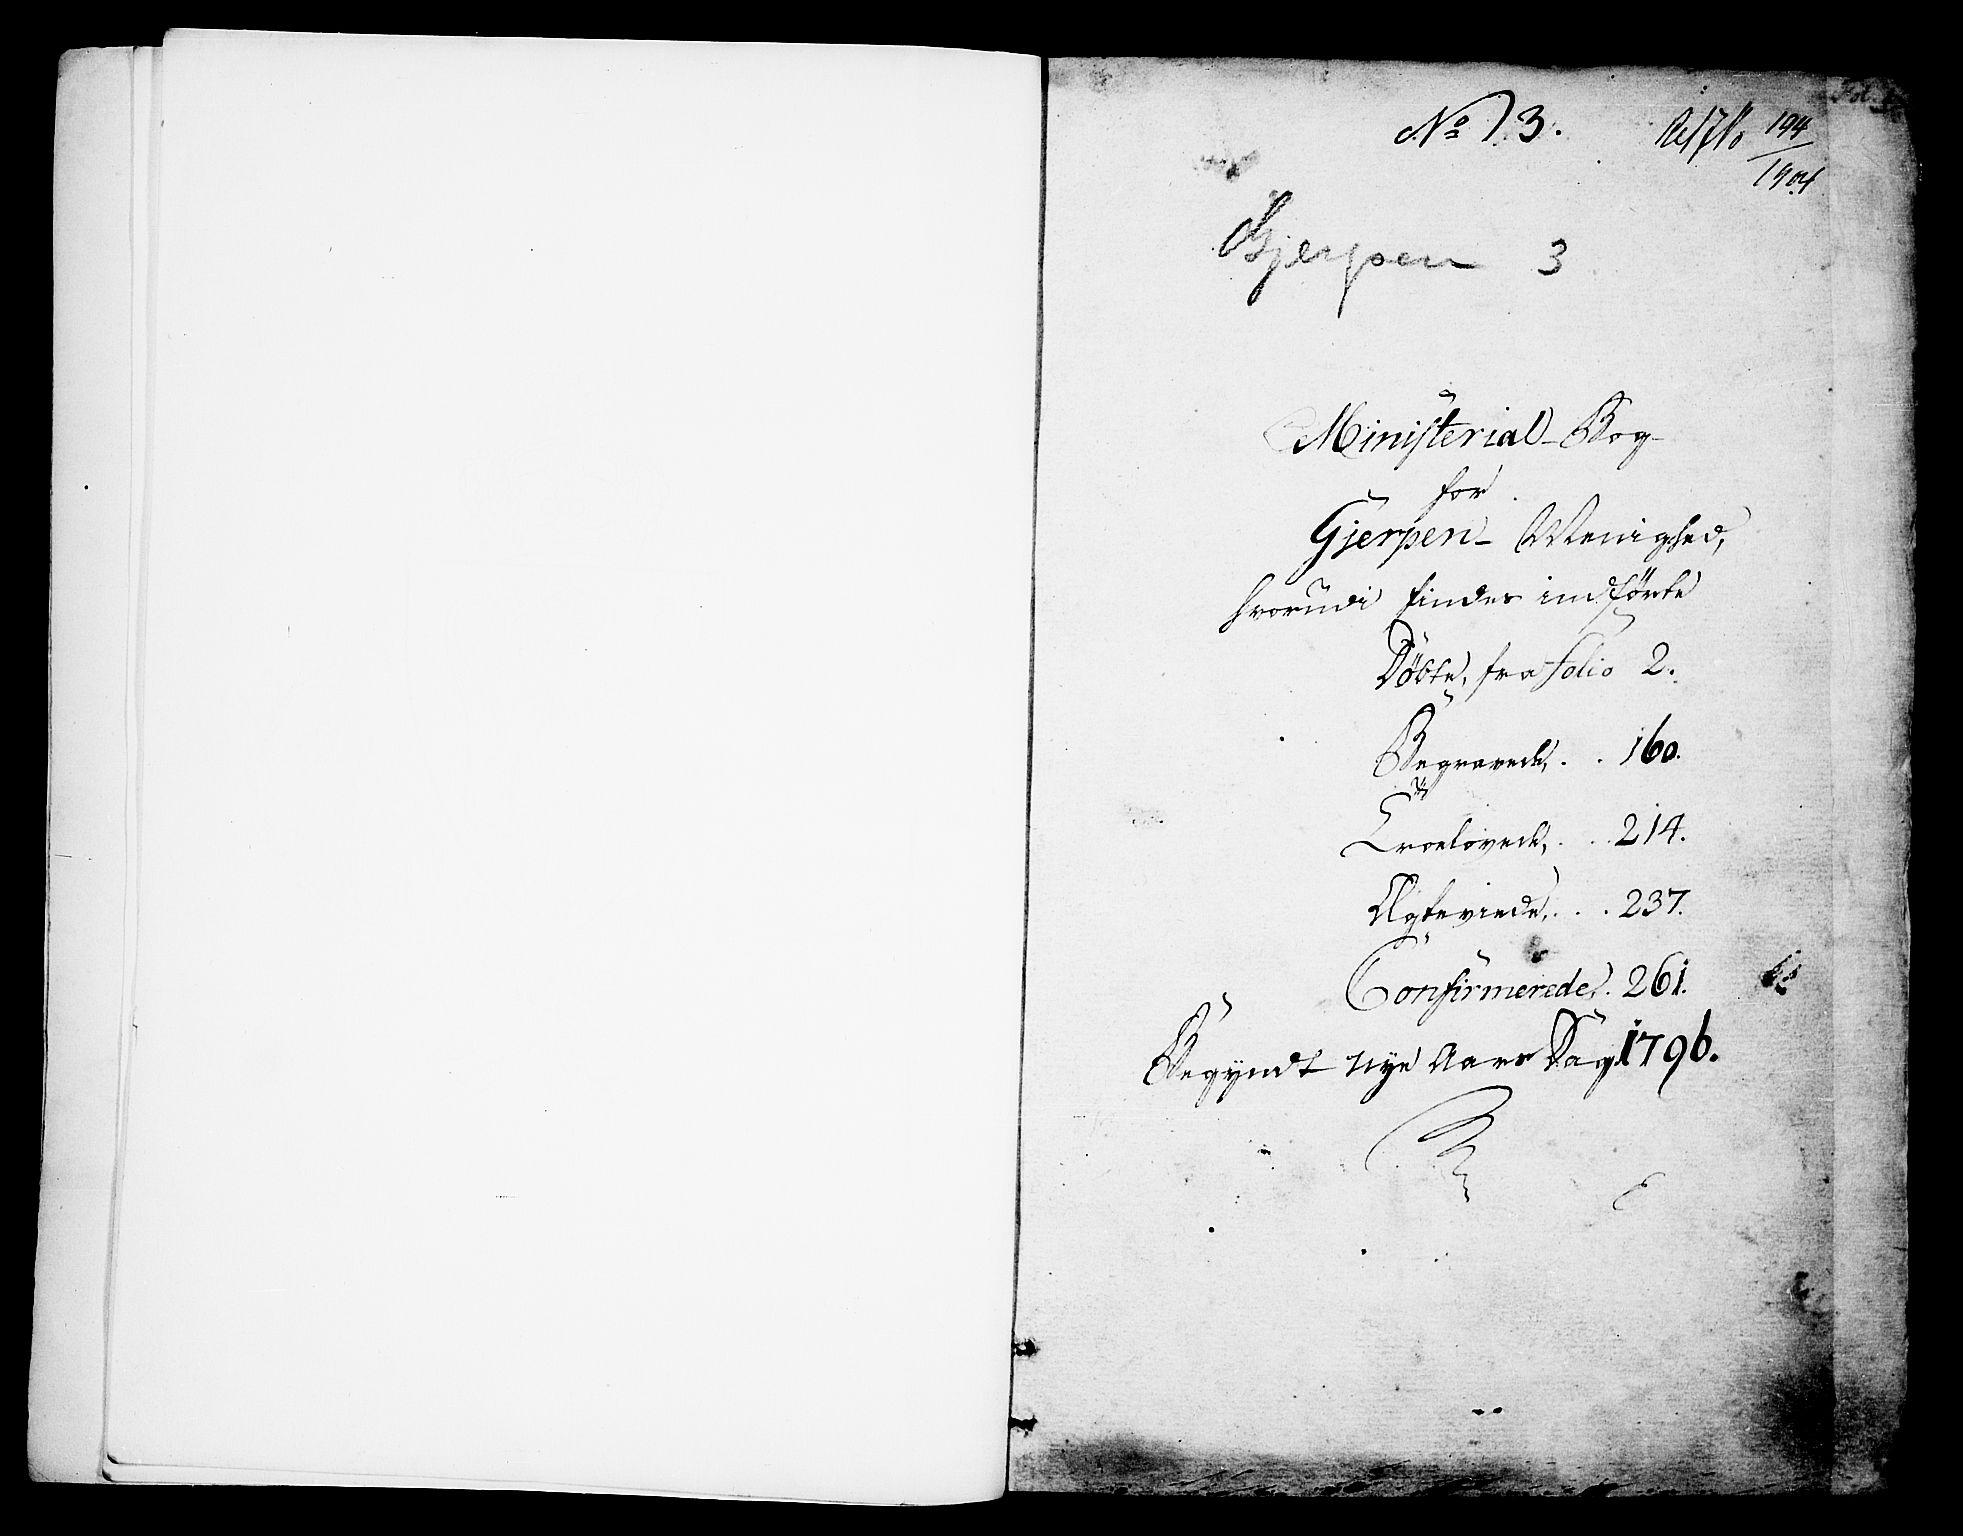 SAKO, Gjerpen kirkebøker, F/Fa/L0003: Ministerialbok nr. 3, 1796-1814, s. 1